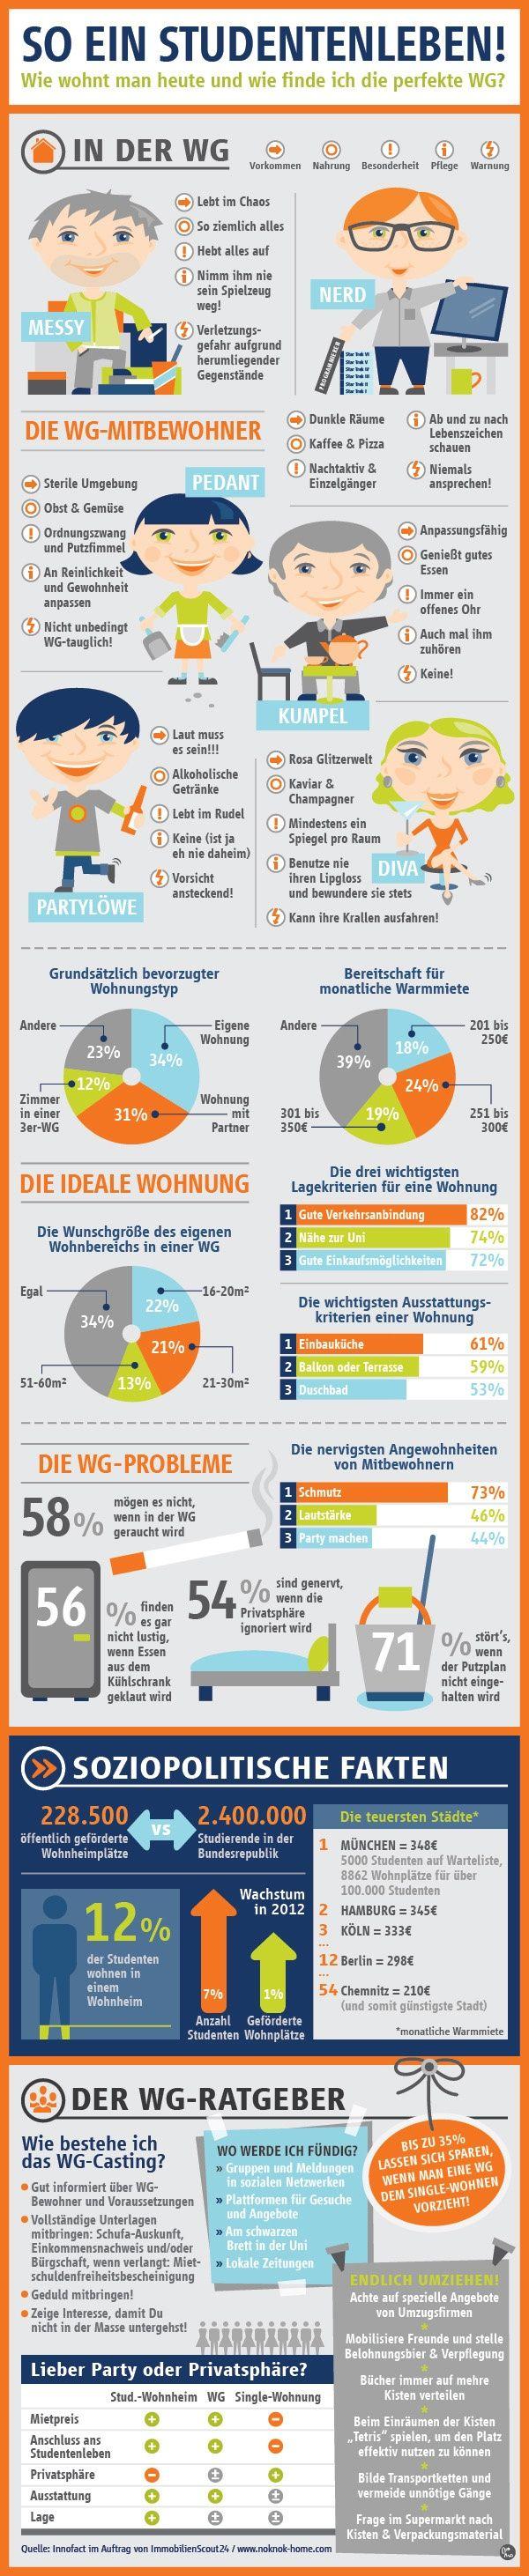 Lustige Infographic zum Thema Wohngemeinschaft von buedinger.de